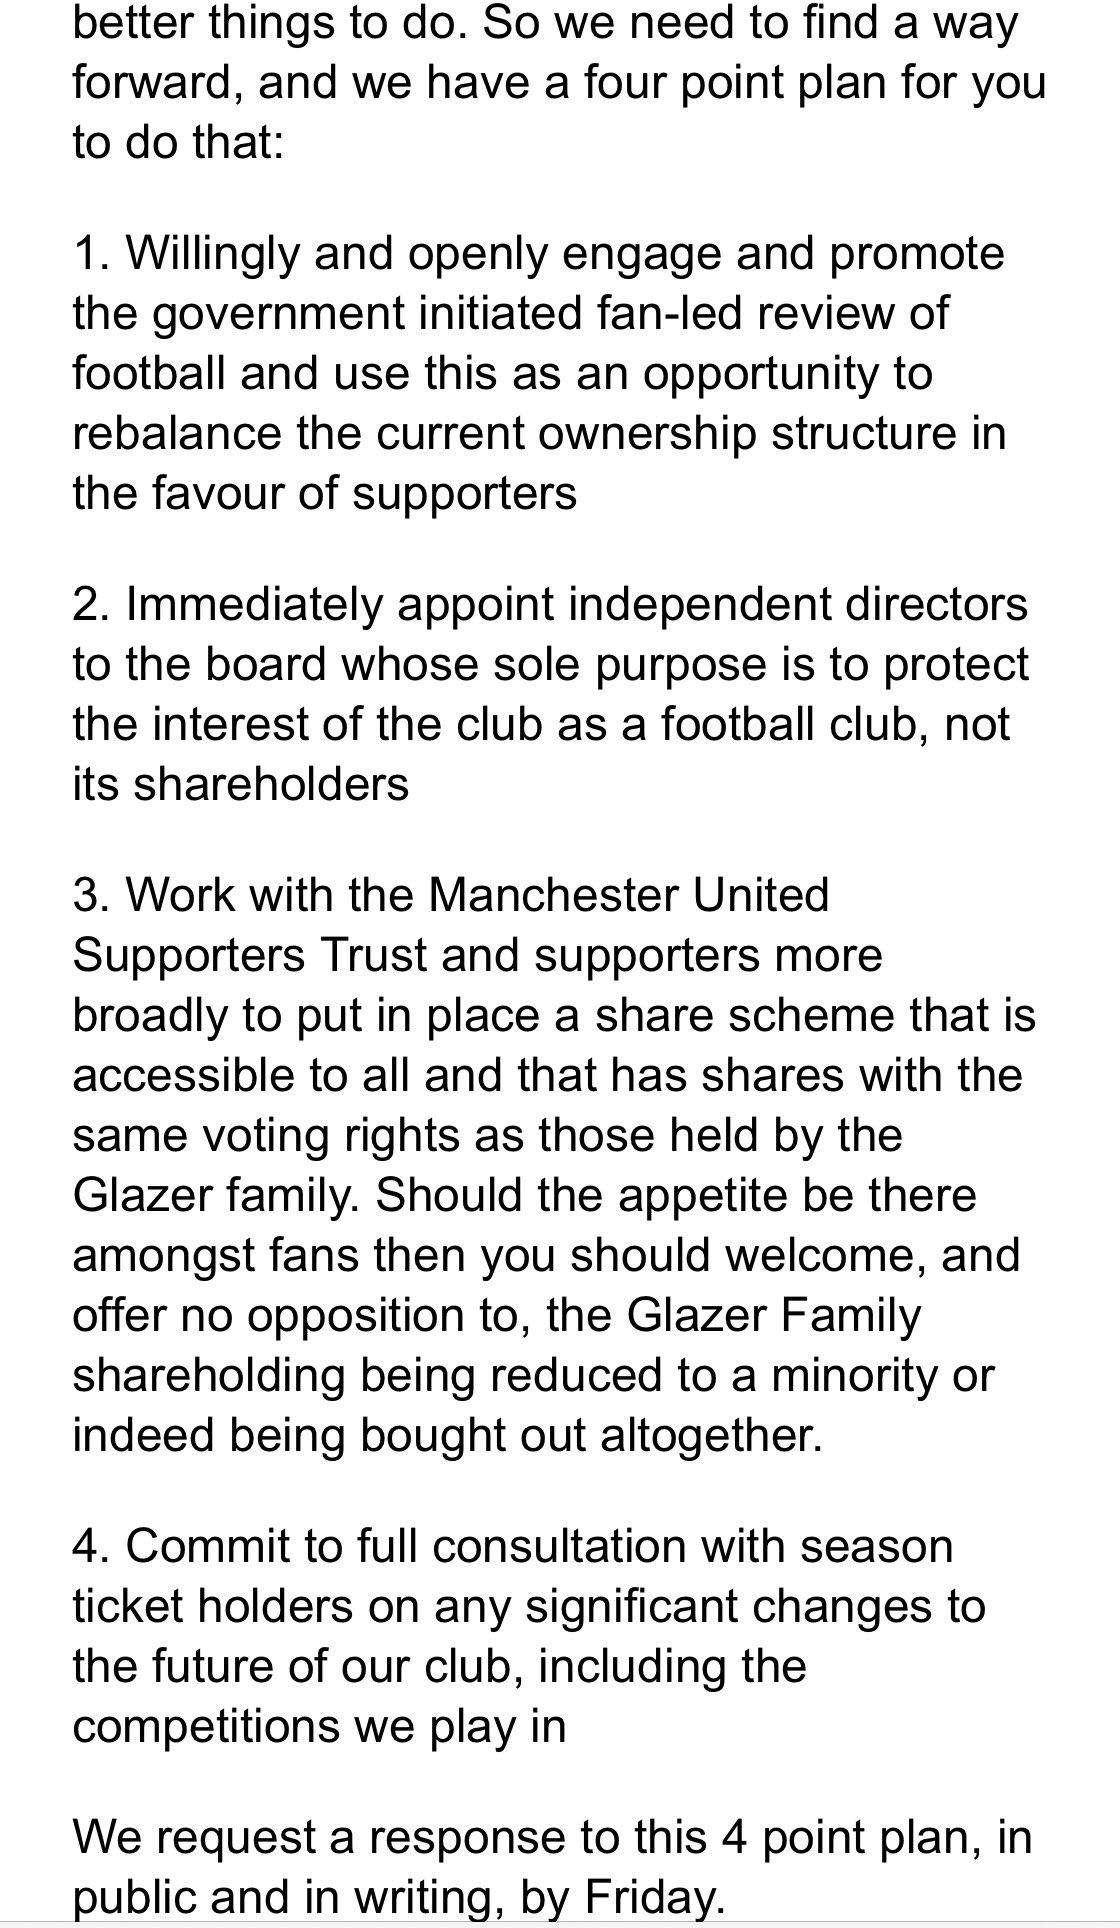 曼联球迷再发公开信:不愿意看见昨天的事,但希望得到回复插图(2)